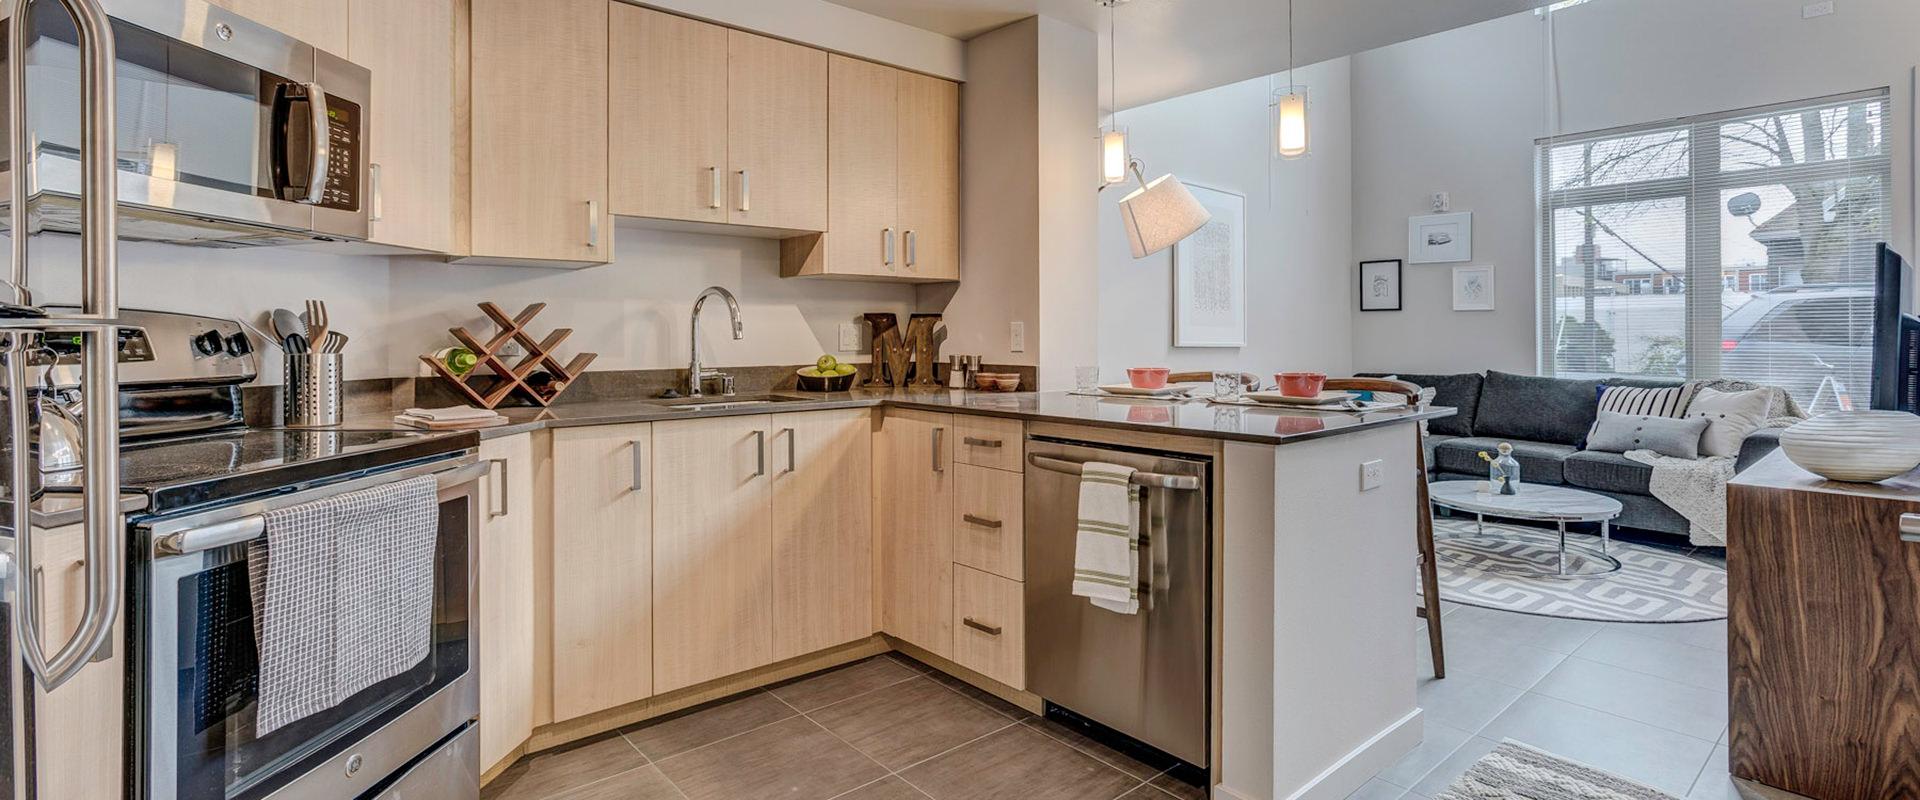 Latitude Queen Anne kitchen